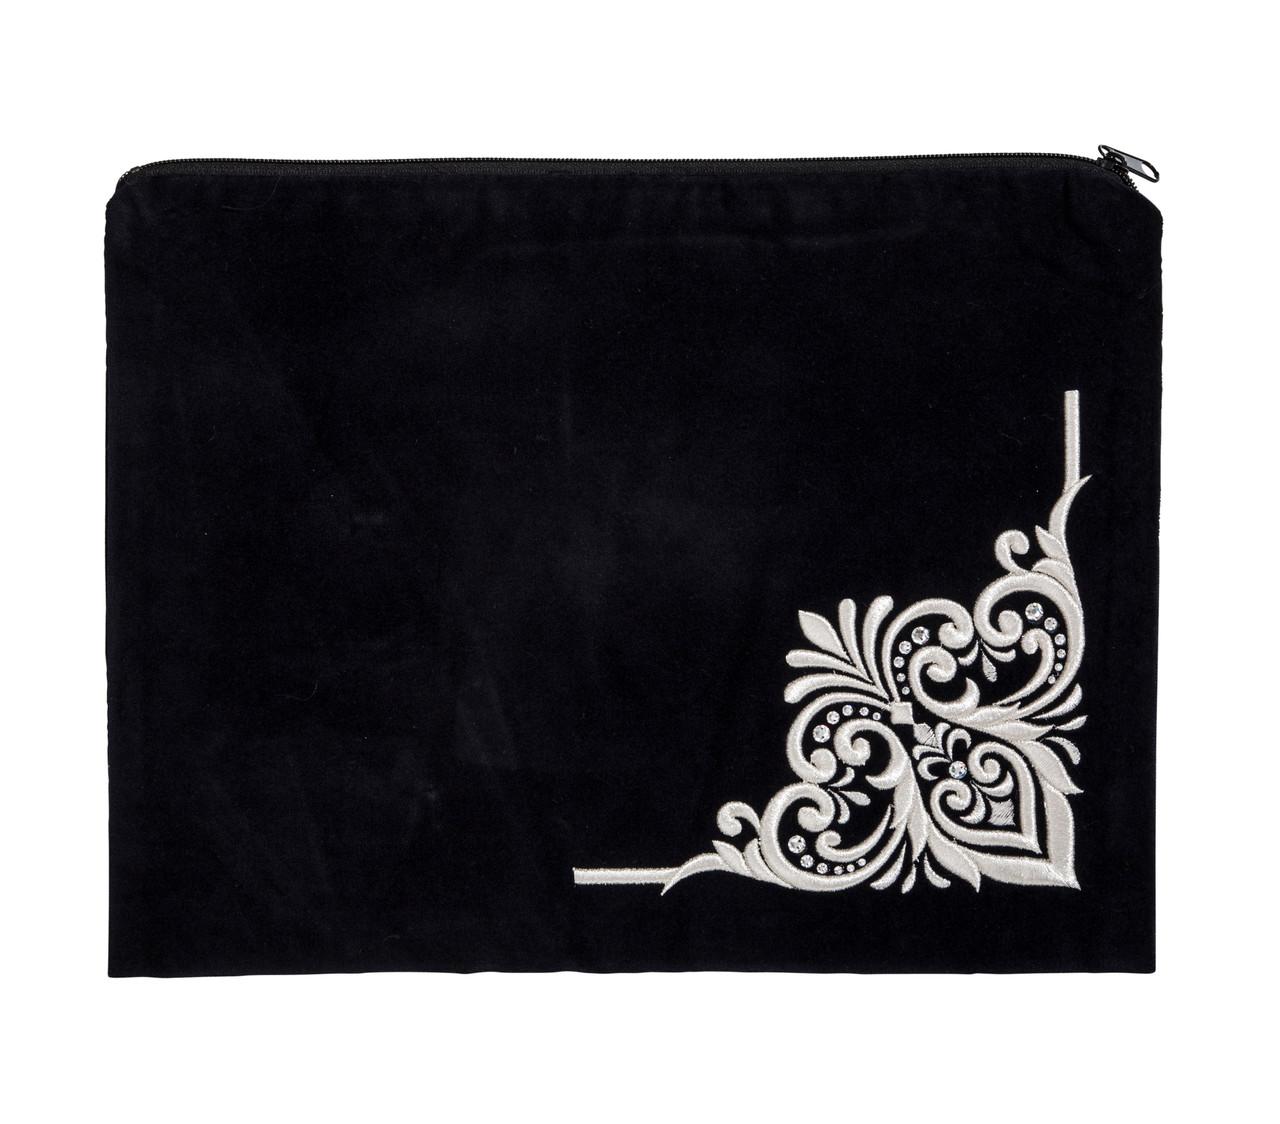 Velvet Malchut Classic Tallit Bag